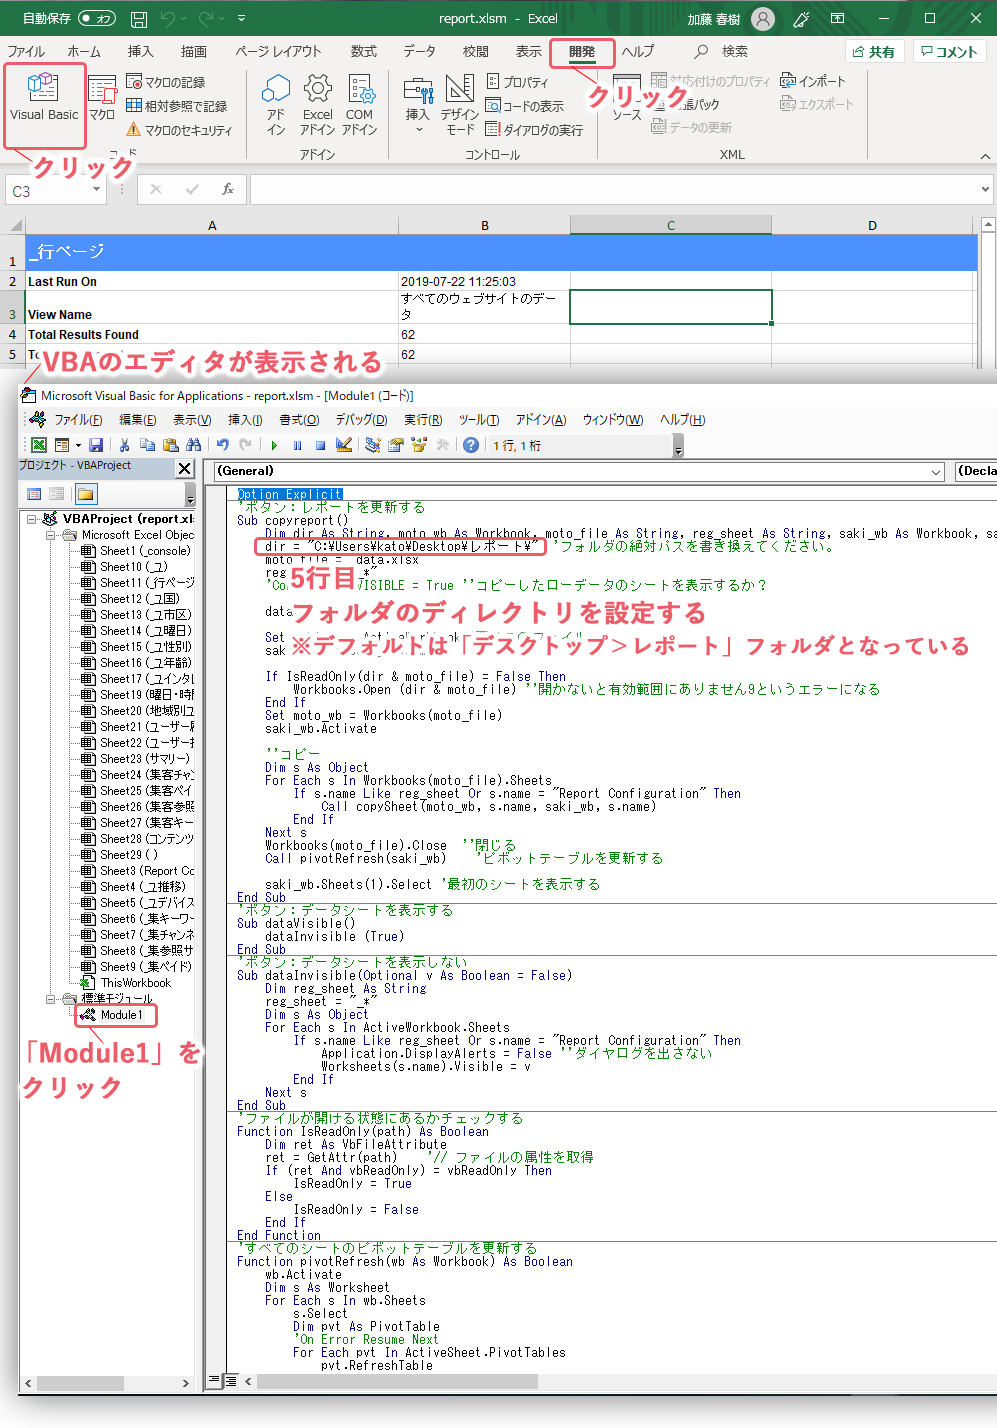 googleanalytics-report-xm1.png